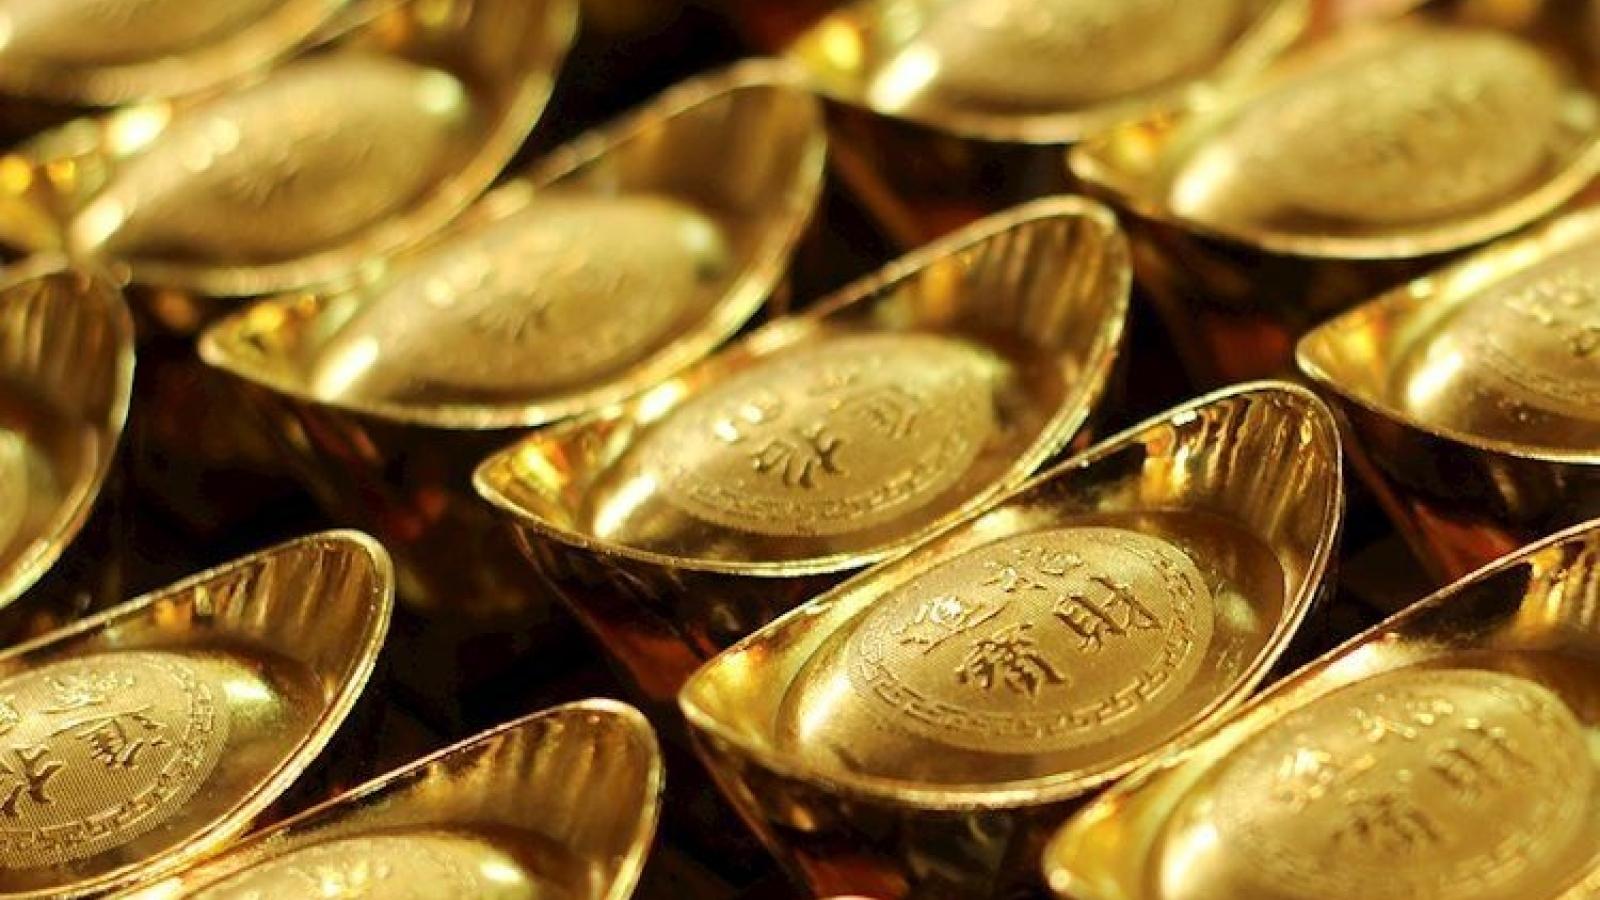 Giá vàng trong nước đang cao hơn thế giới 5,25 triệu đồng/lượng